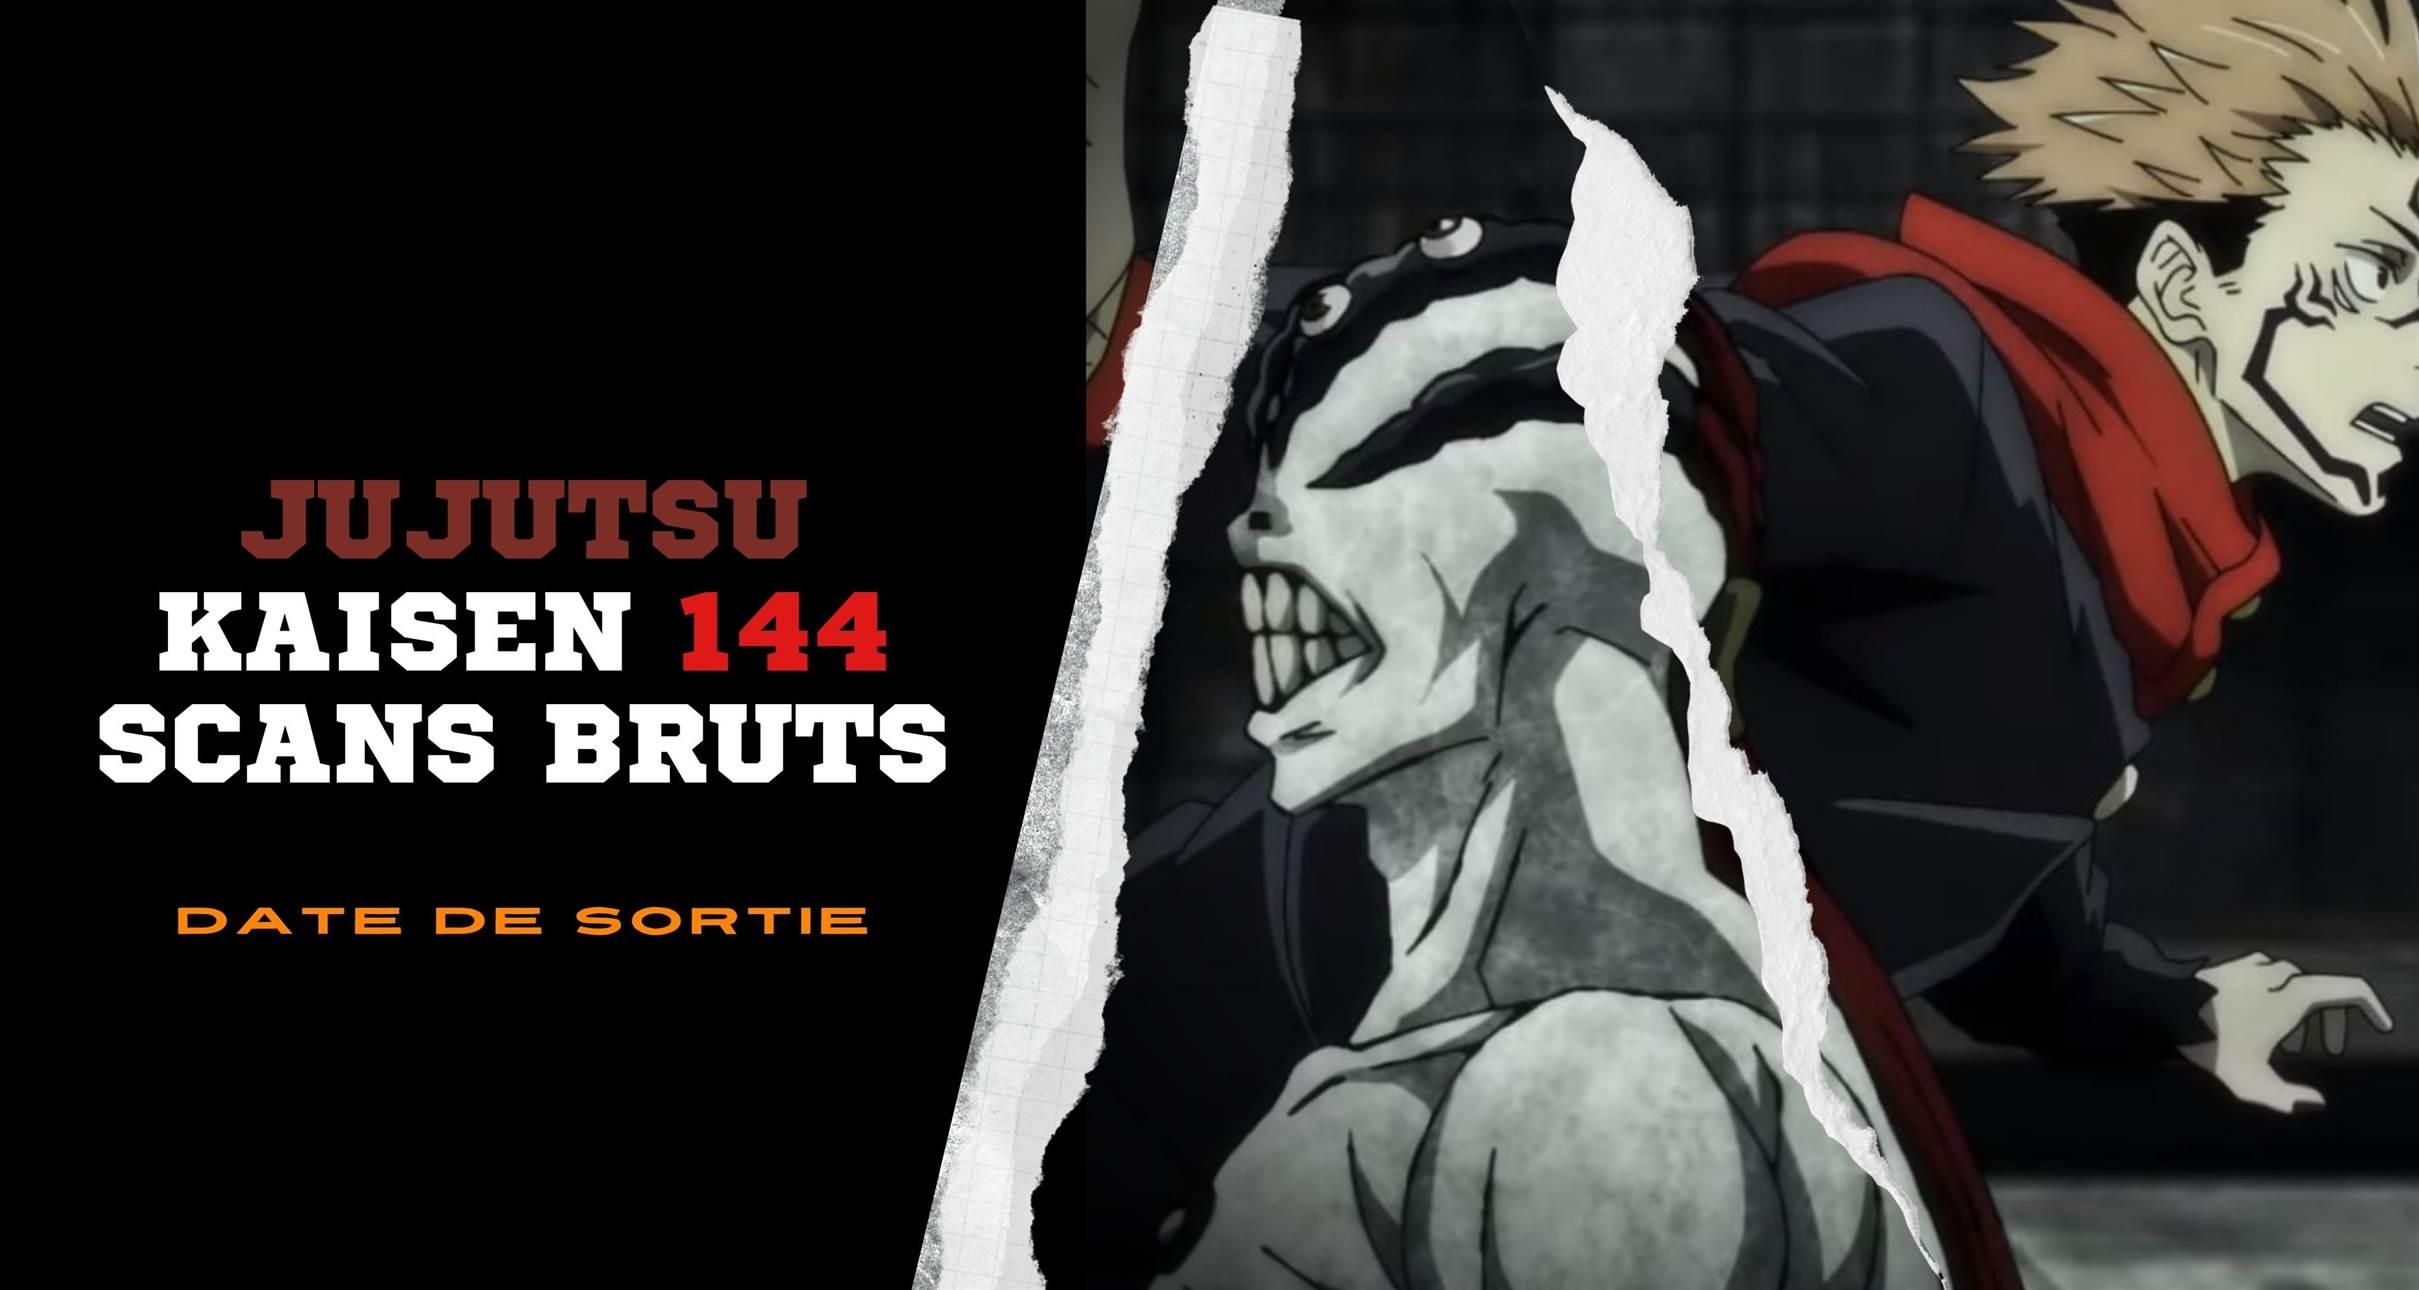 Jujutsu Kaisen 144 Scans bruts